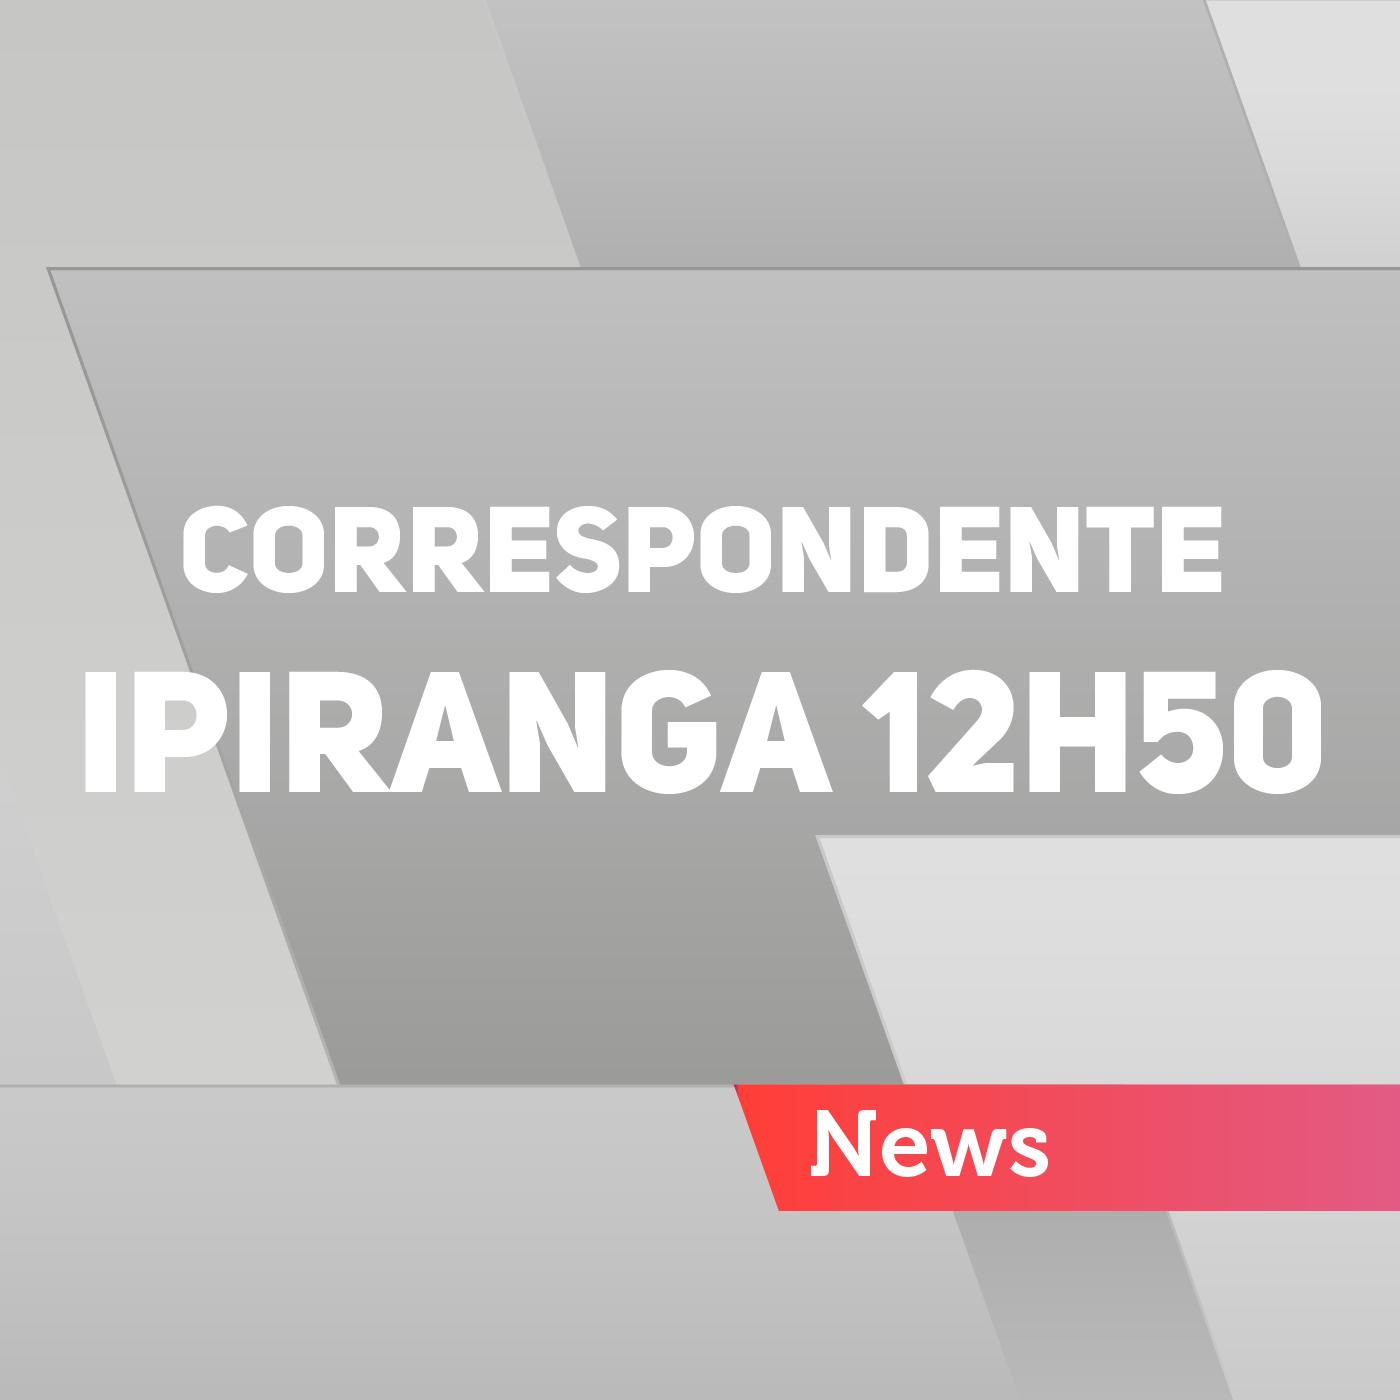 Correspondente Ipiranga 12h50 23/09/2017